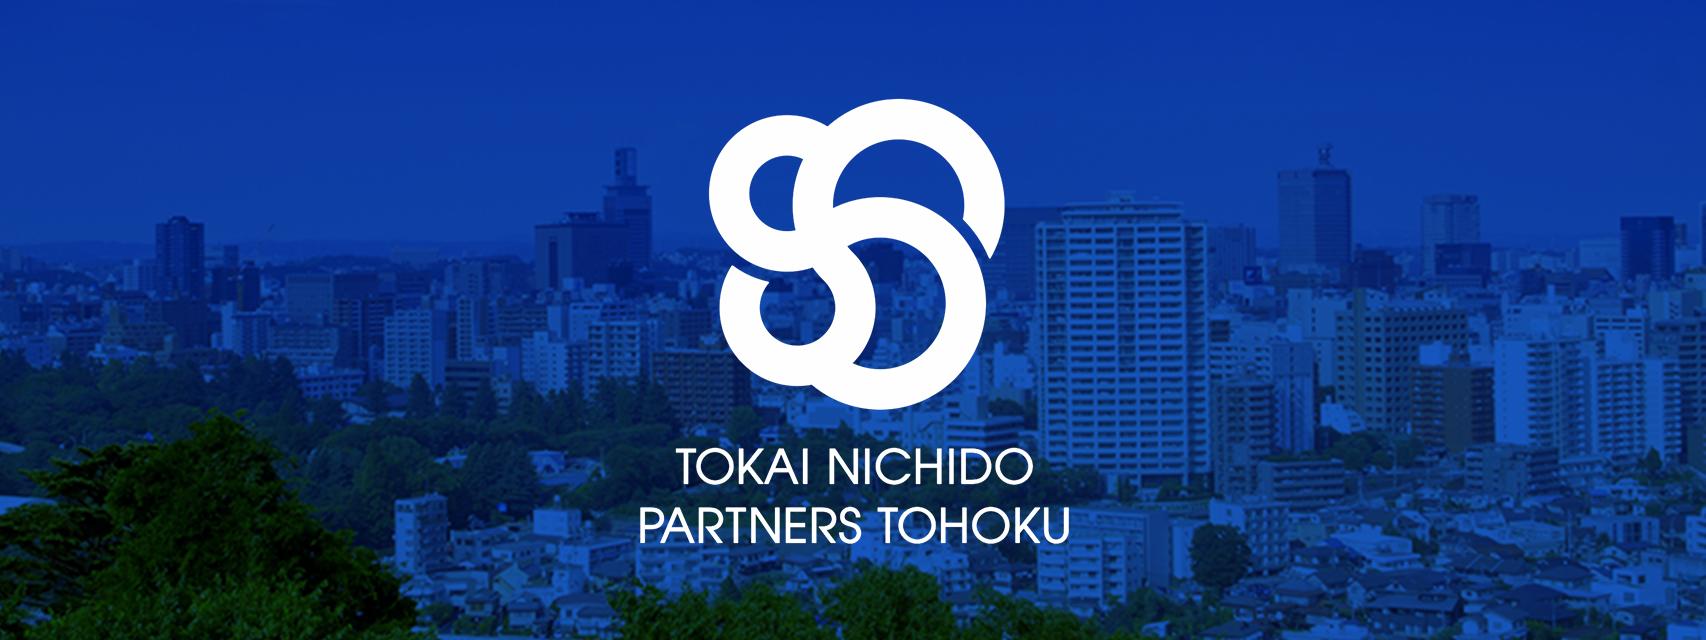 TOKAI NICHIDO PARTNERS TOHOKU